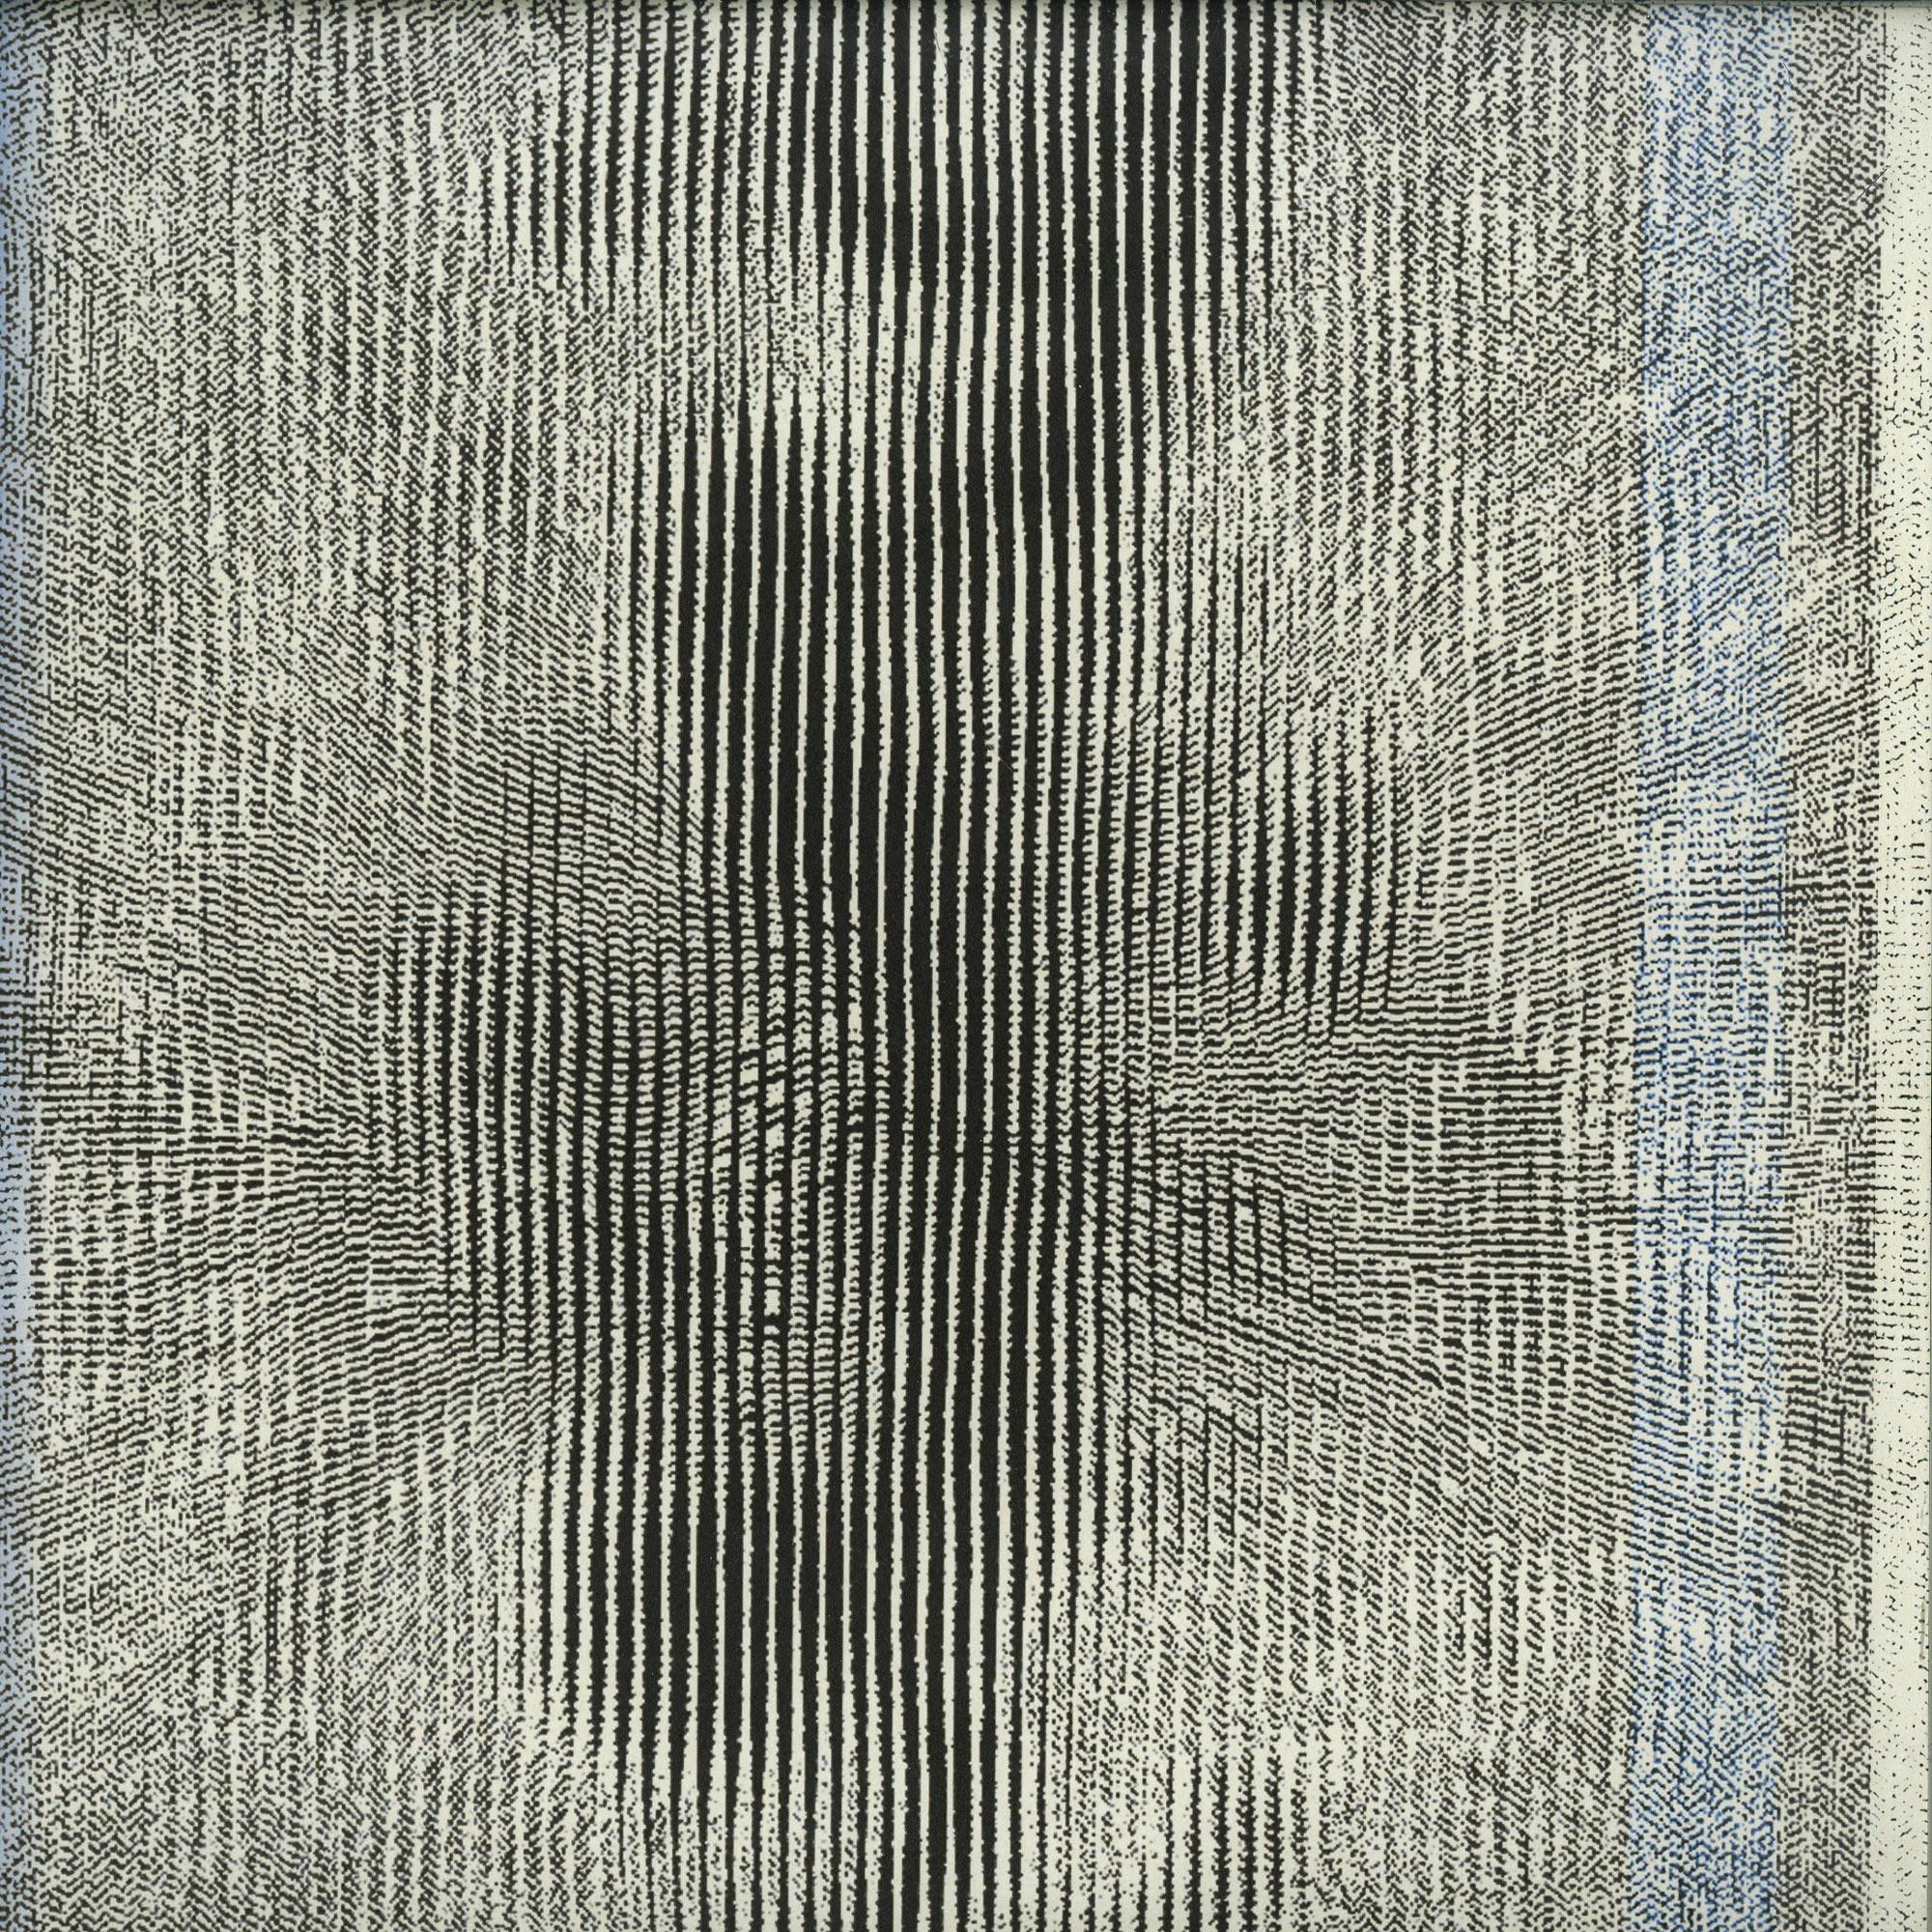 Burnt Friedmann - ISOMORPHIC EP